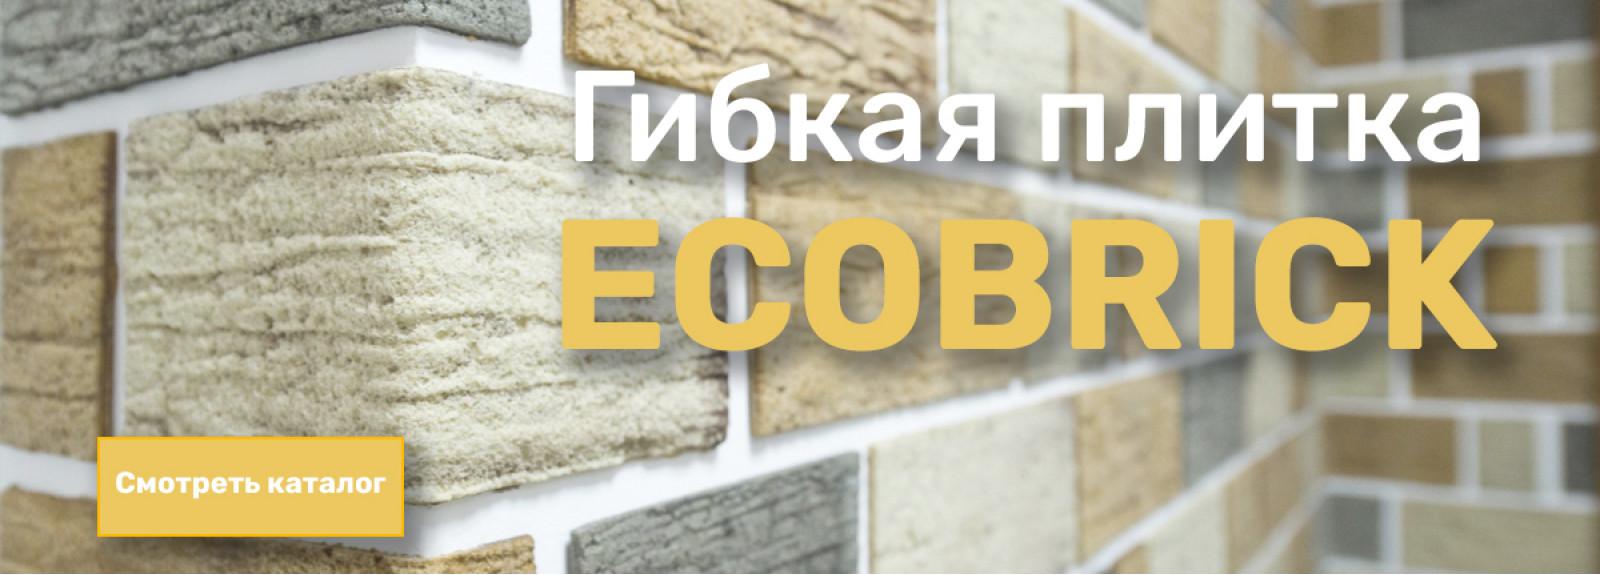 Гибкая плитка Экобрик